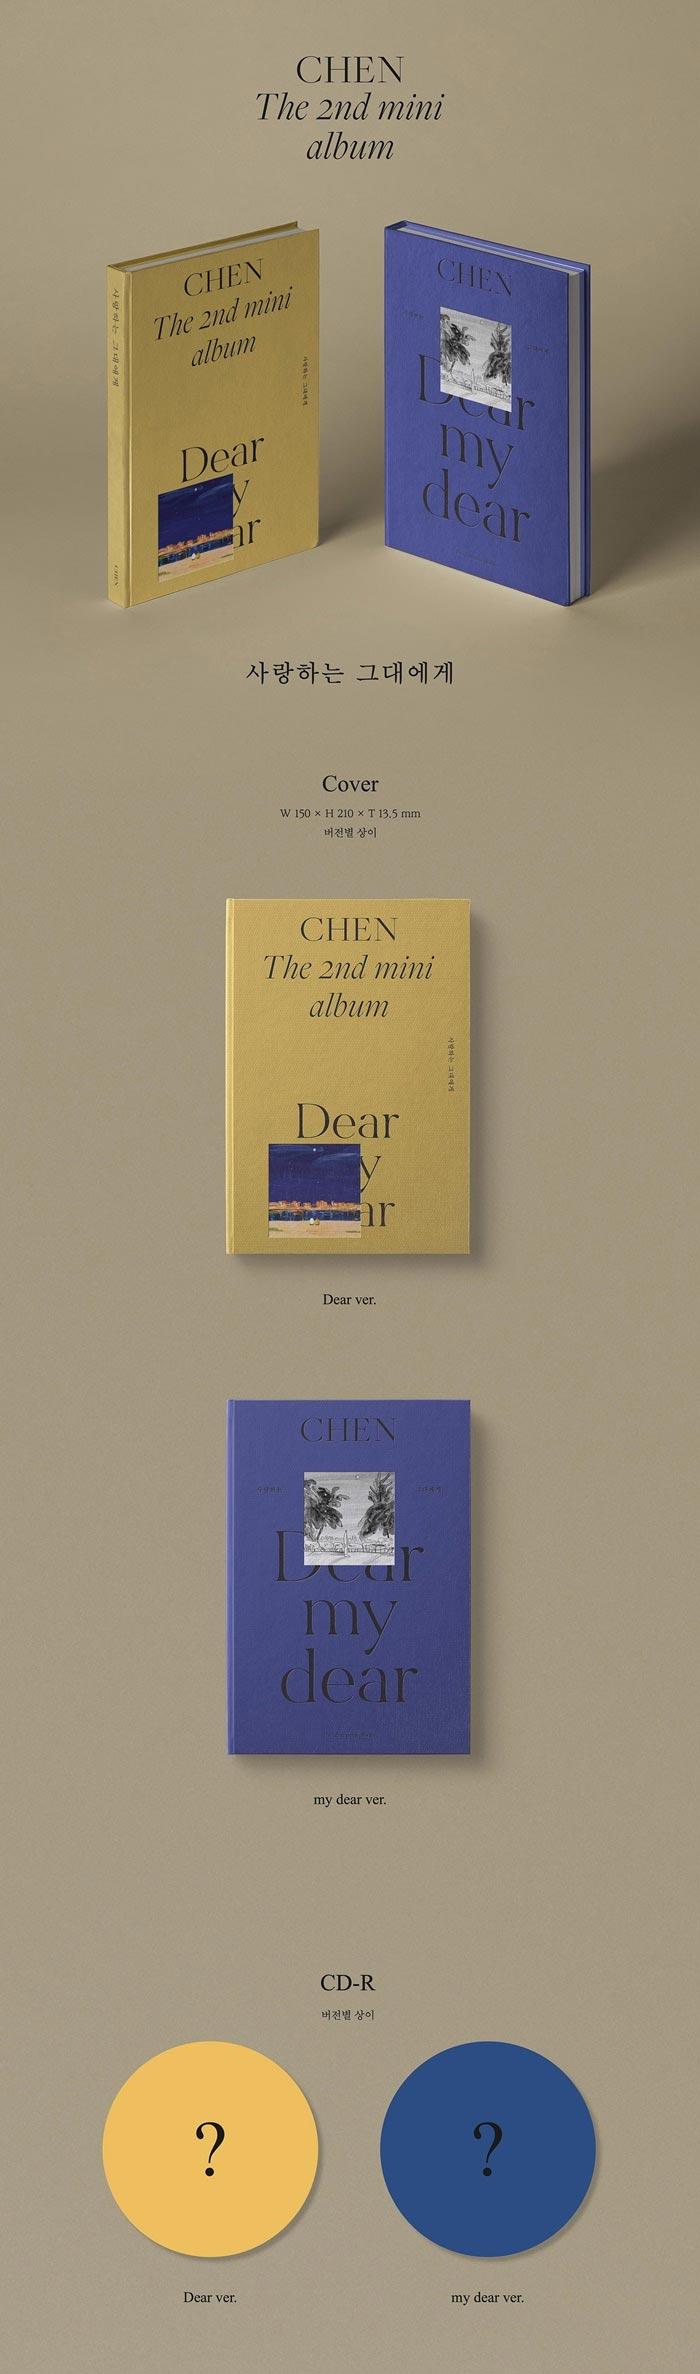 chen_dear_my_dear-1